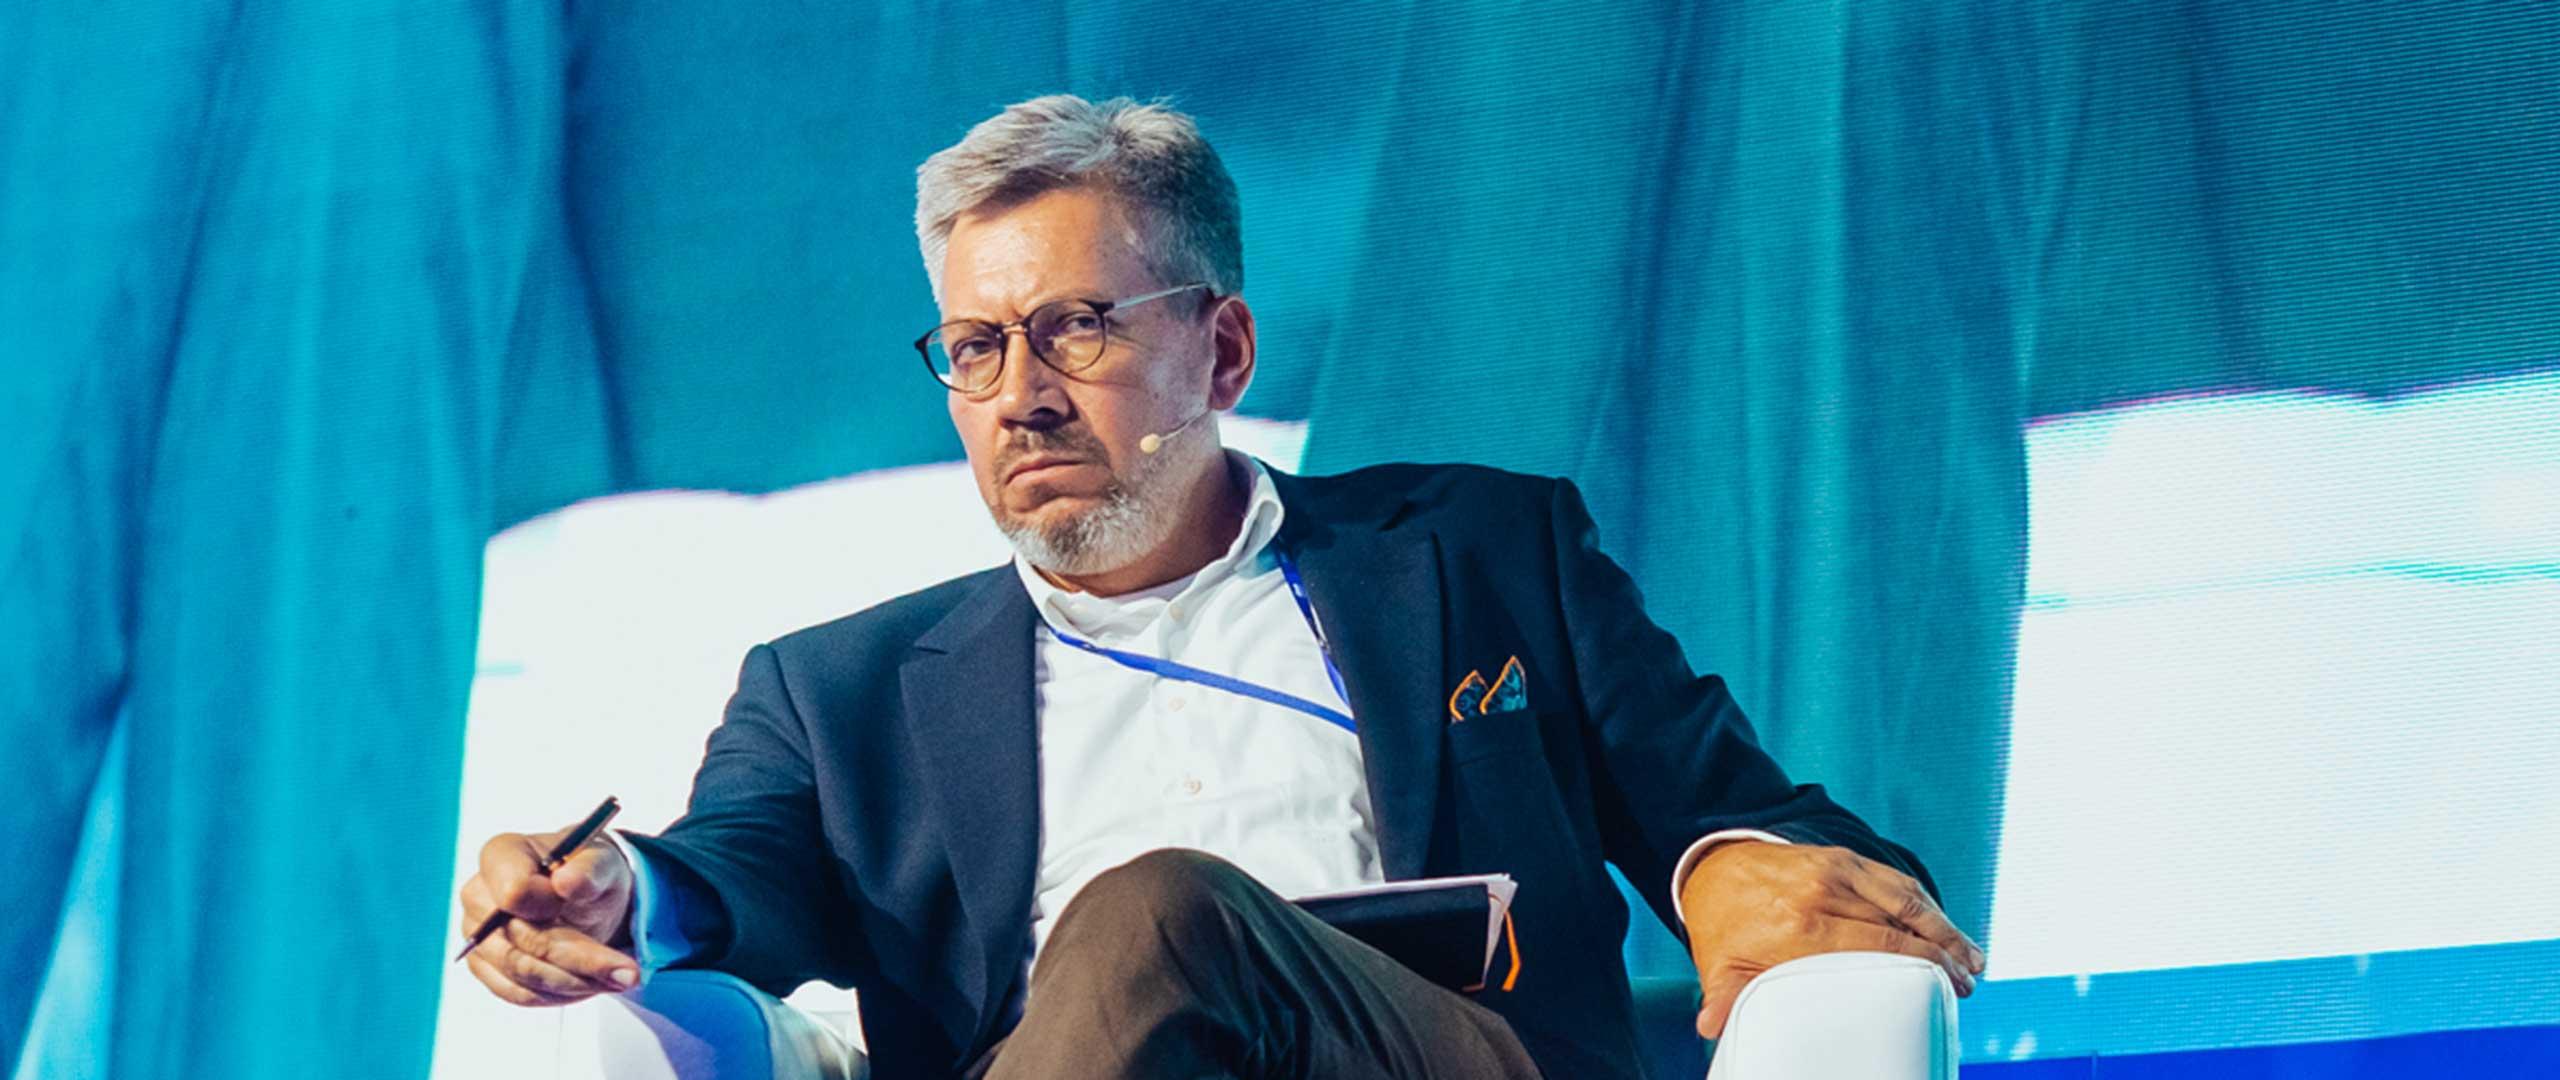 Damian Mierzyński